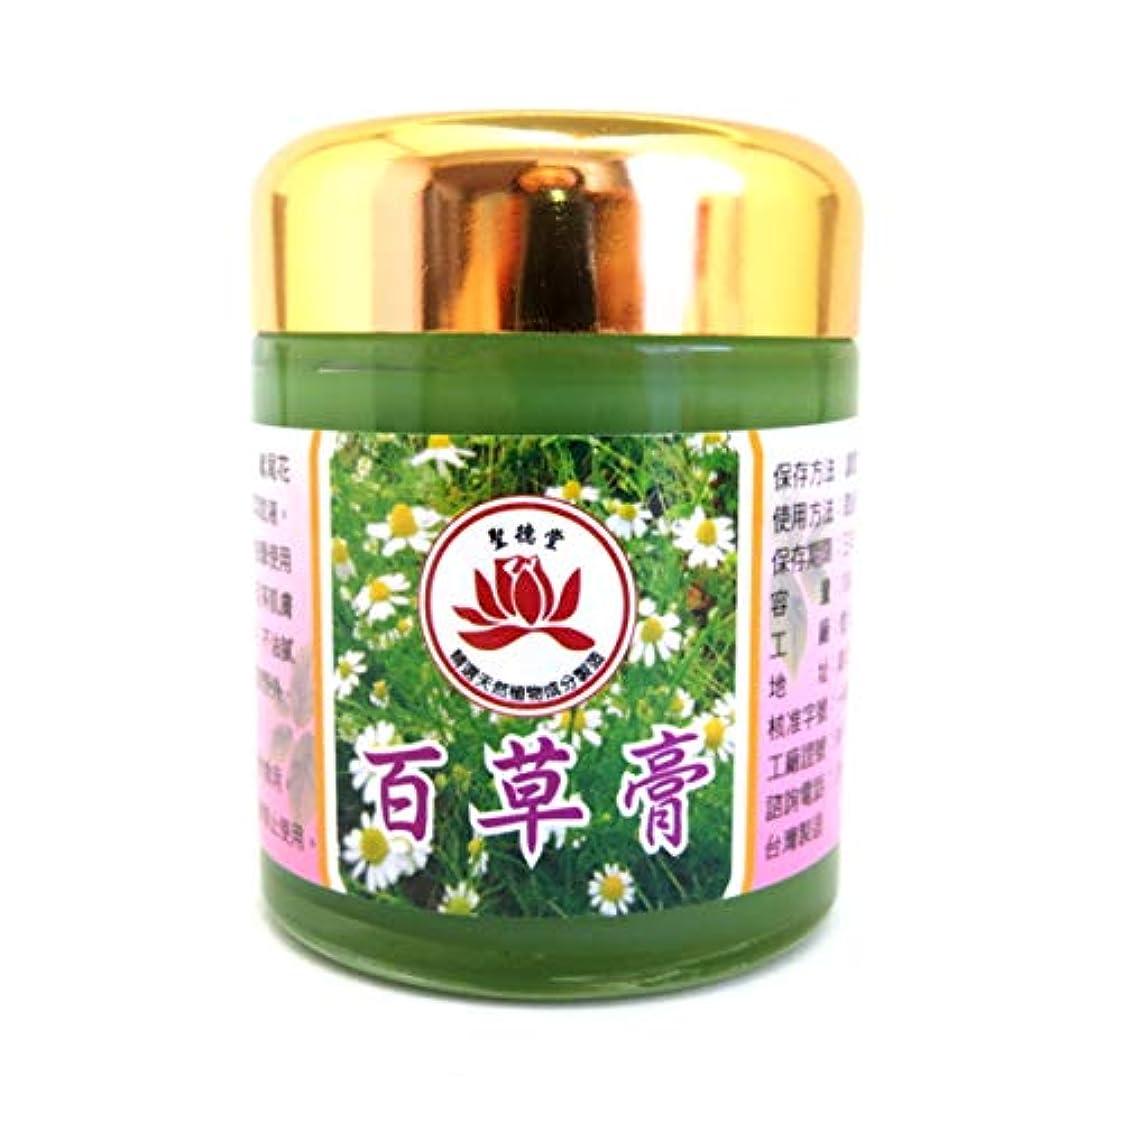 贅沢な免除エミュレートする台湾 マッサージクリーム 百草膏 100g